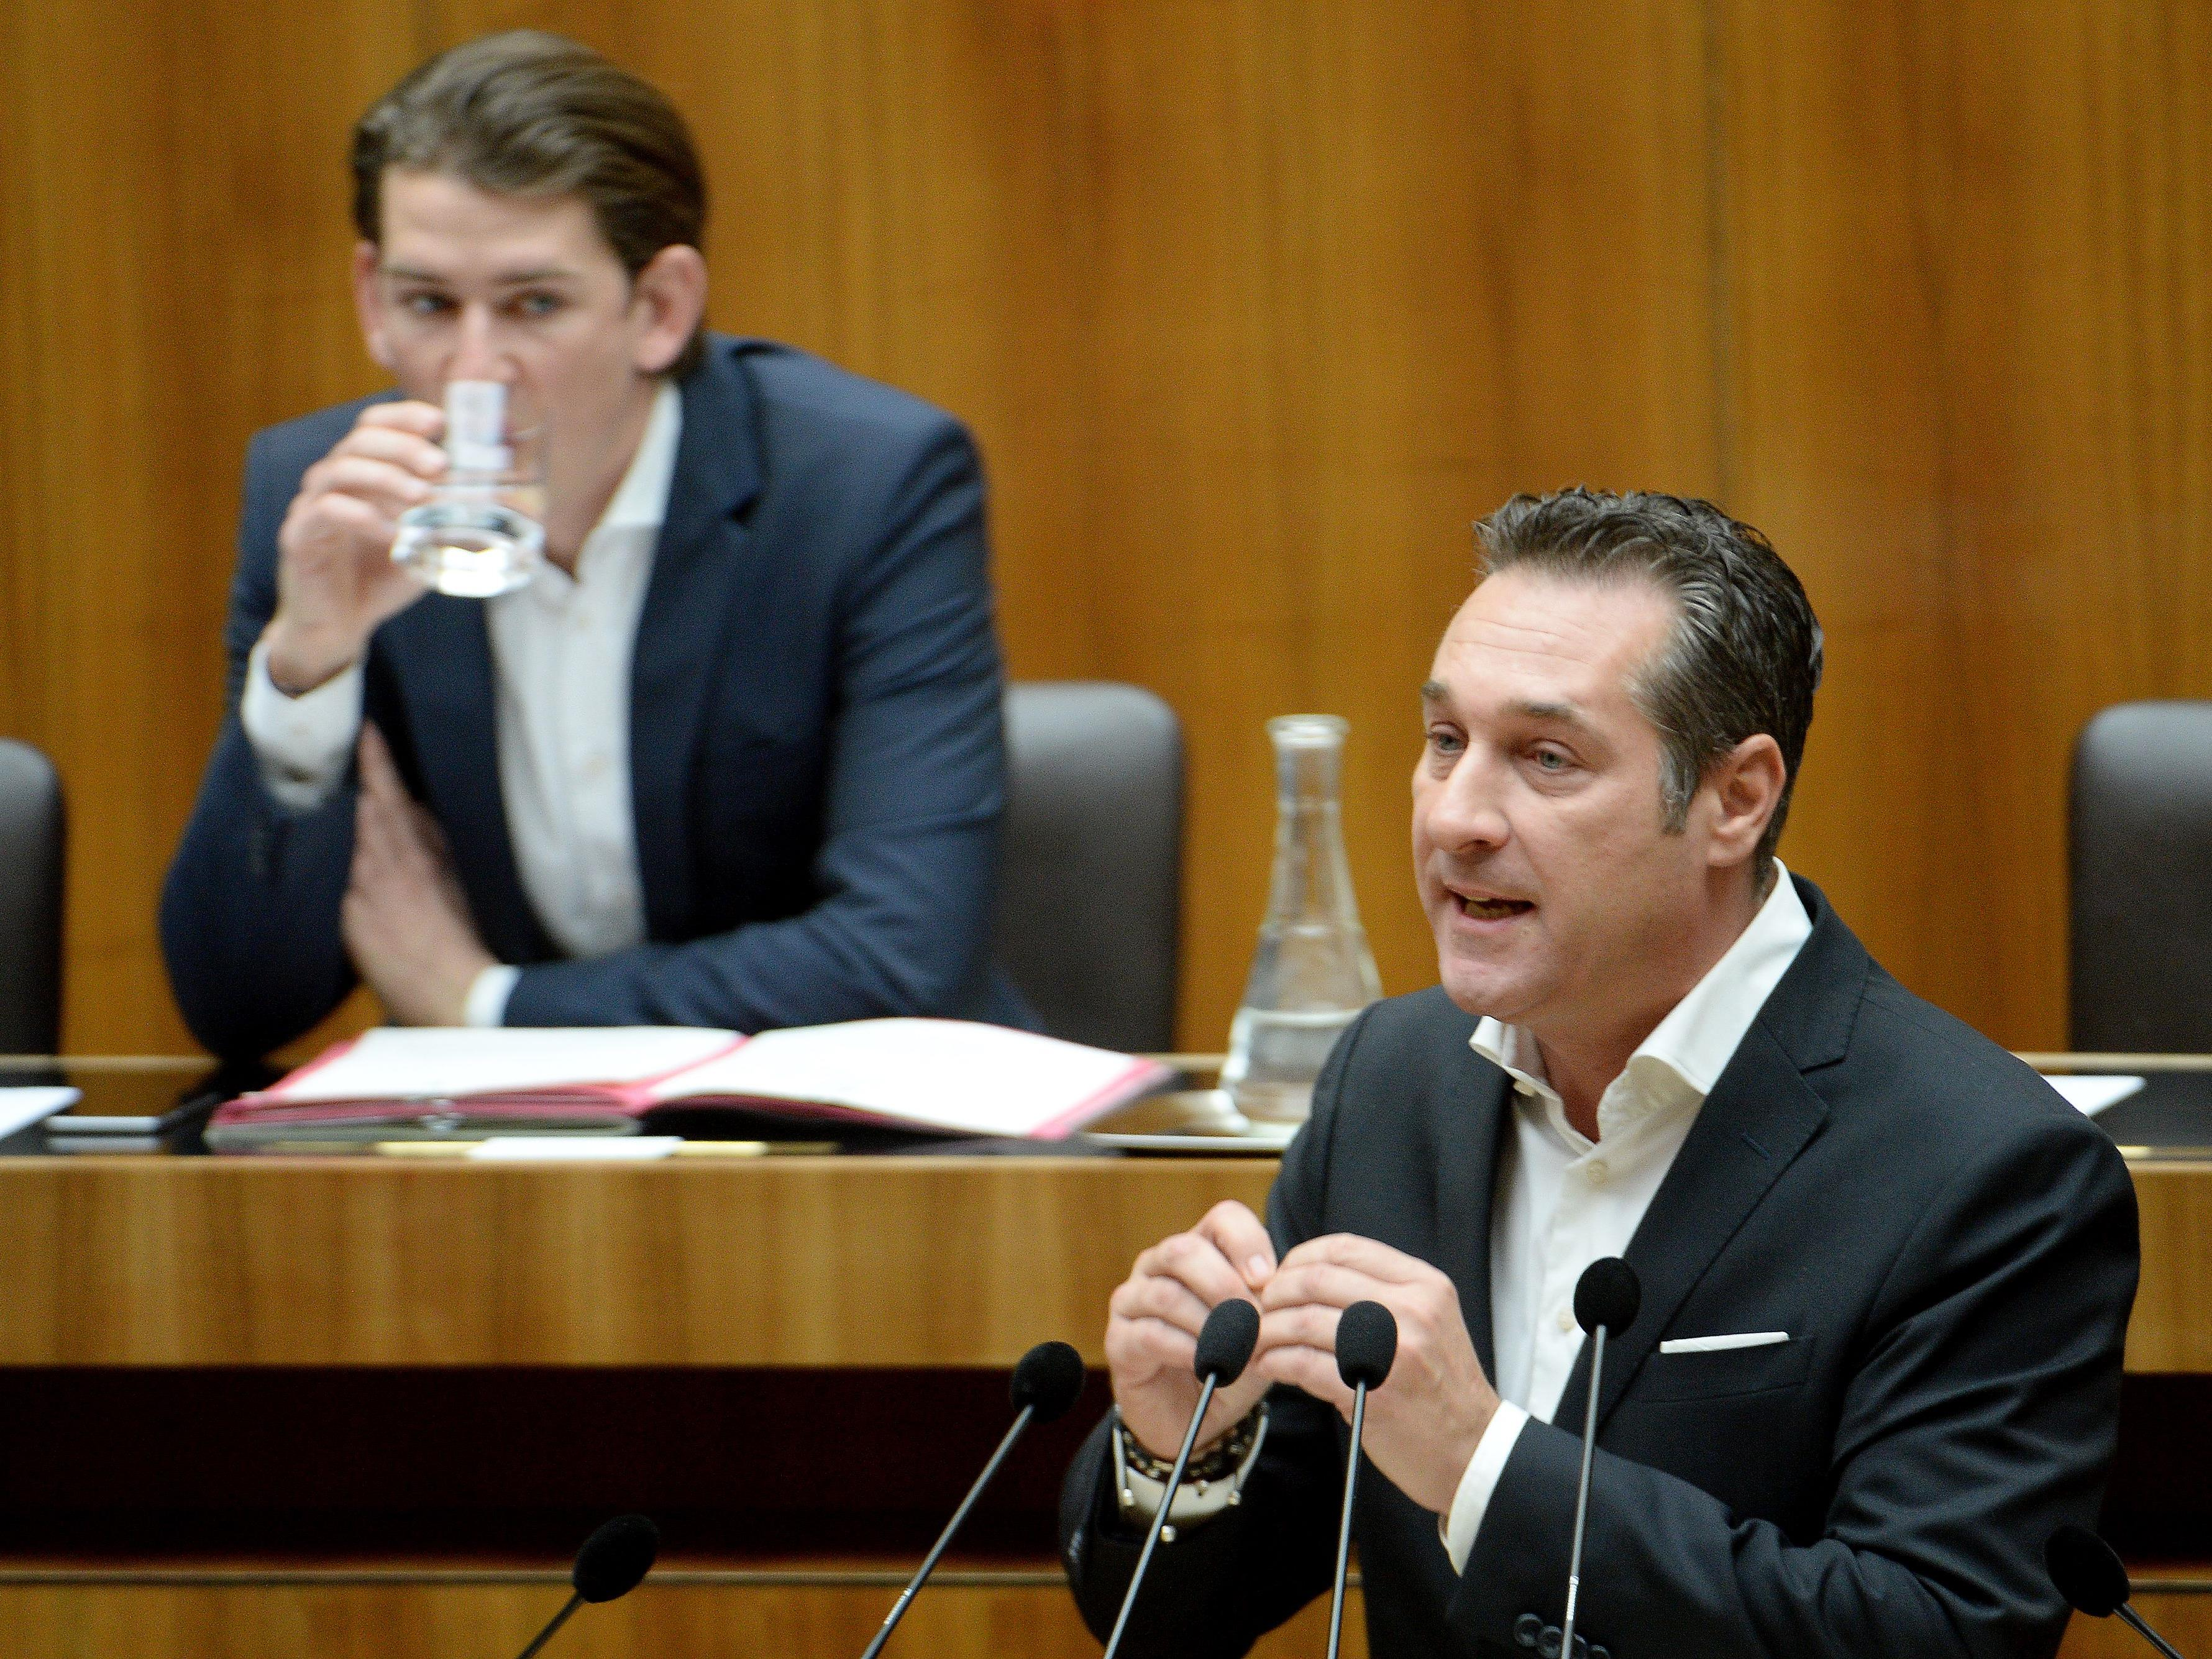 Ohne Kurz hätte die ÖVP dagegen keine Chance und die FPÖ würde dann mit 34 Prozent deutlich stärkste Kraft.